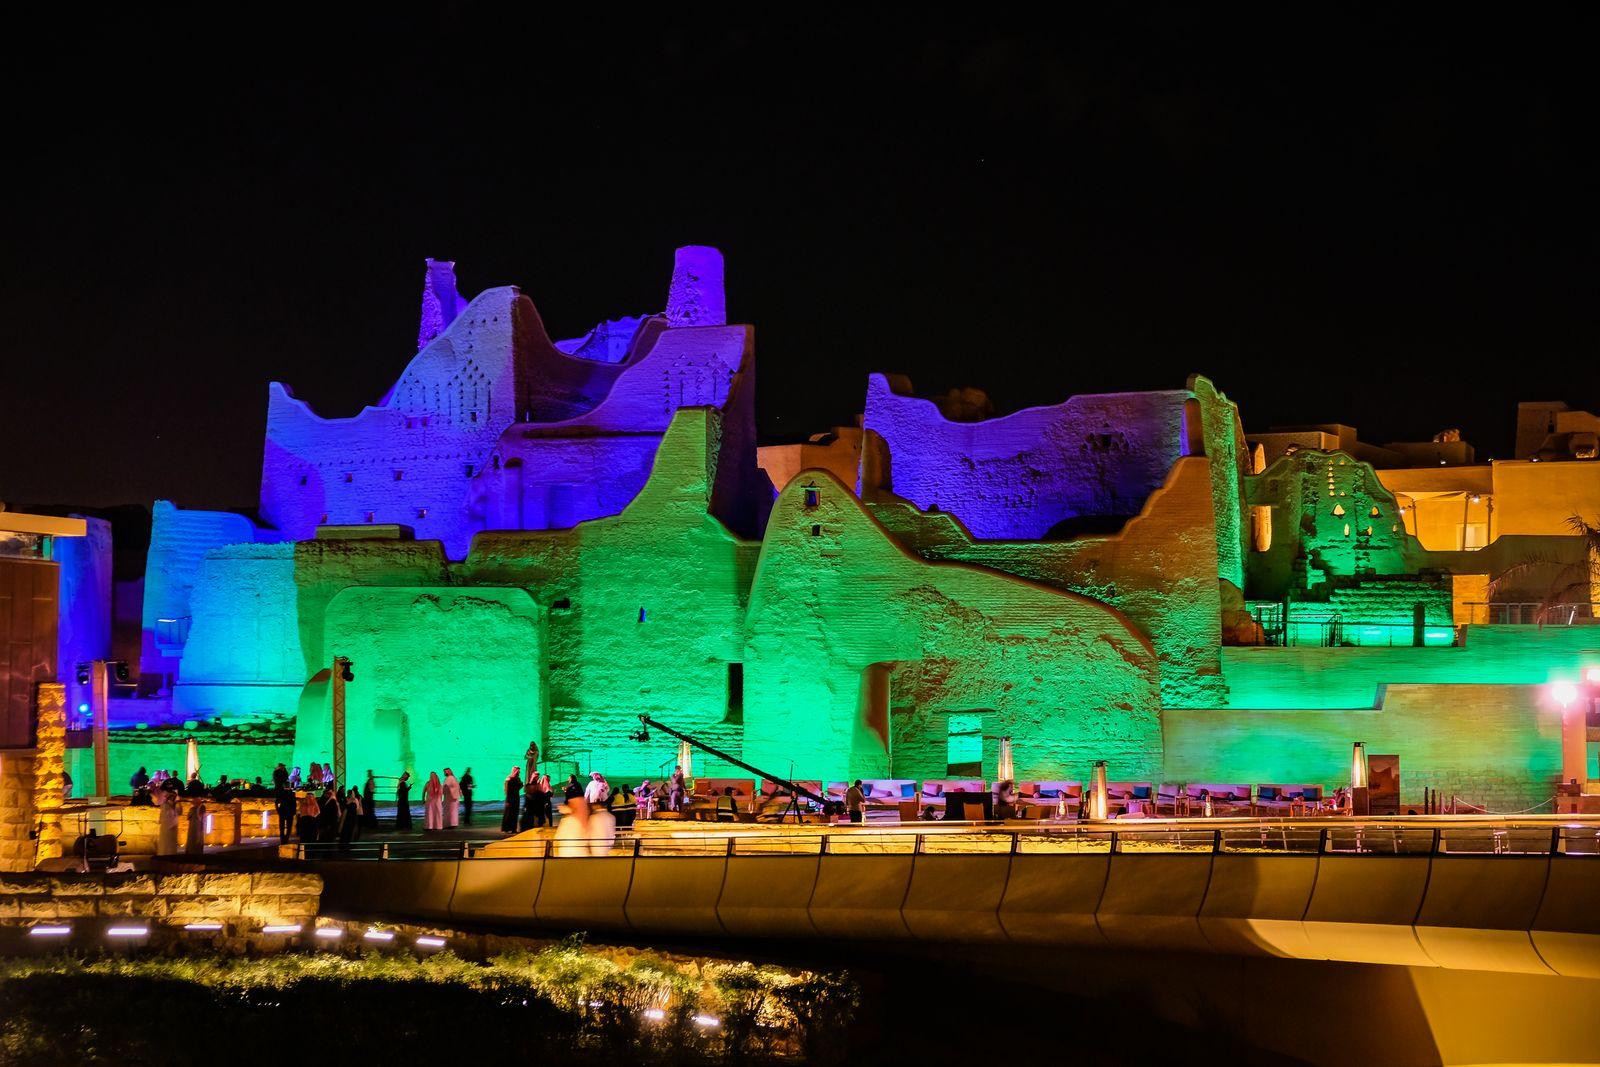 DSCF8730_Riad_Diriyya_Foto_Stephan_Orth